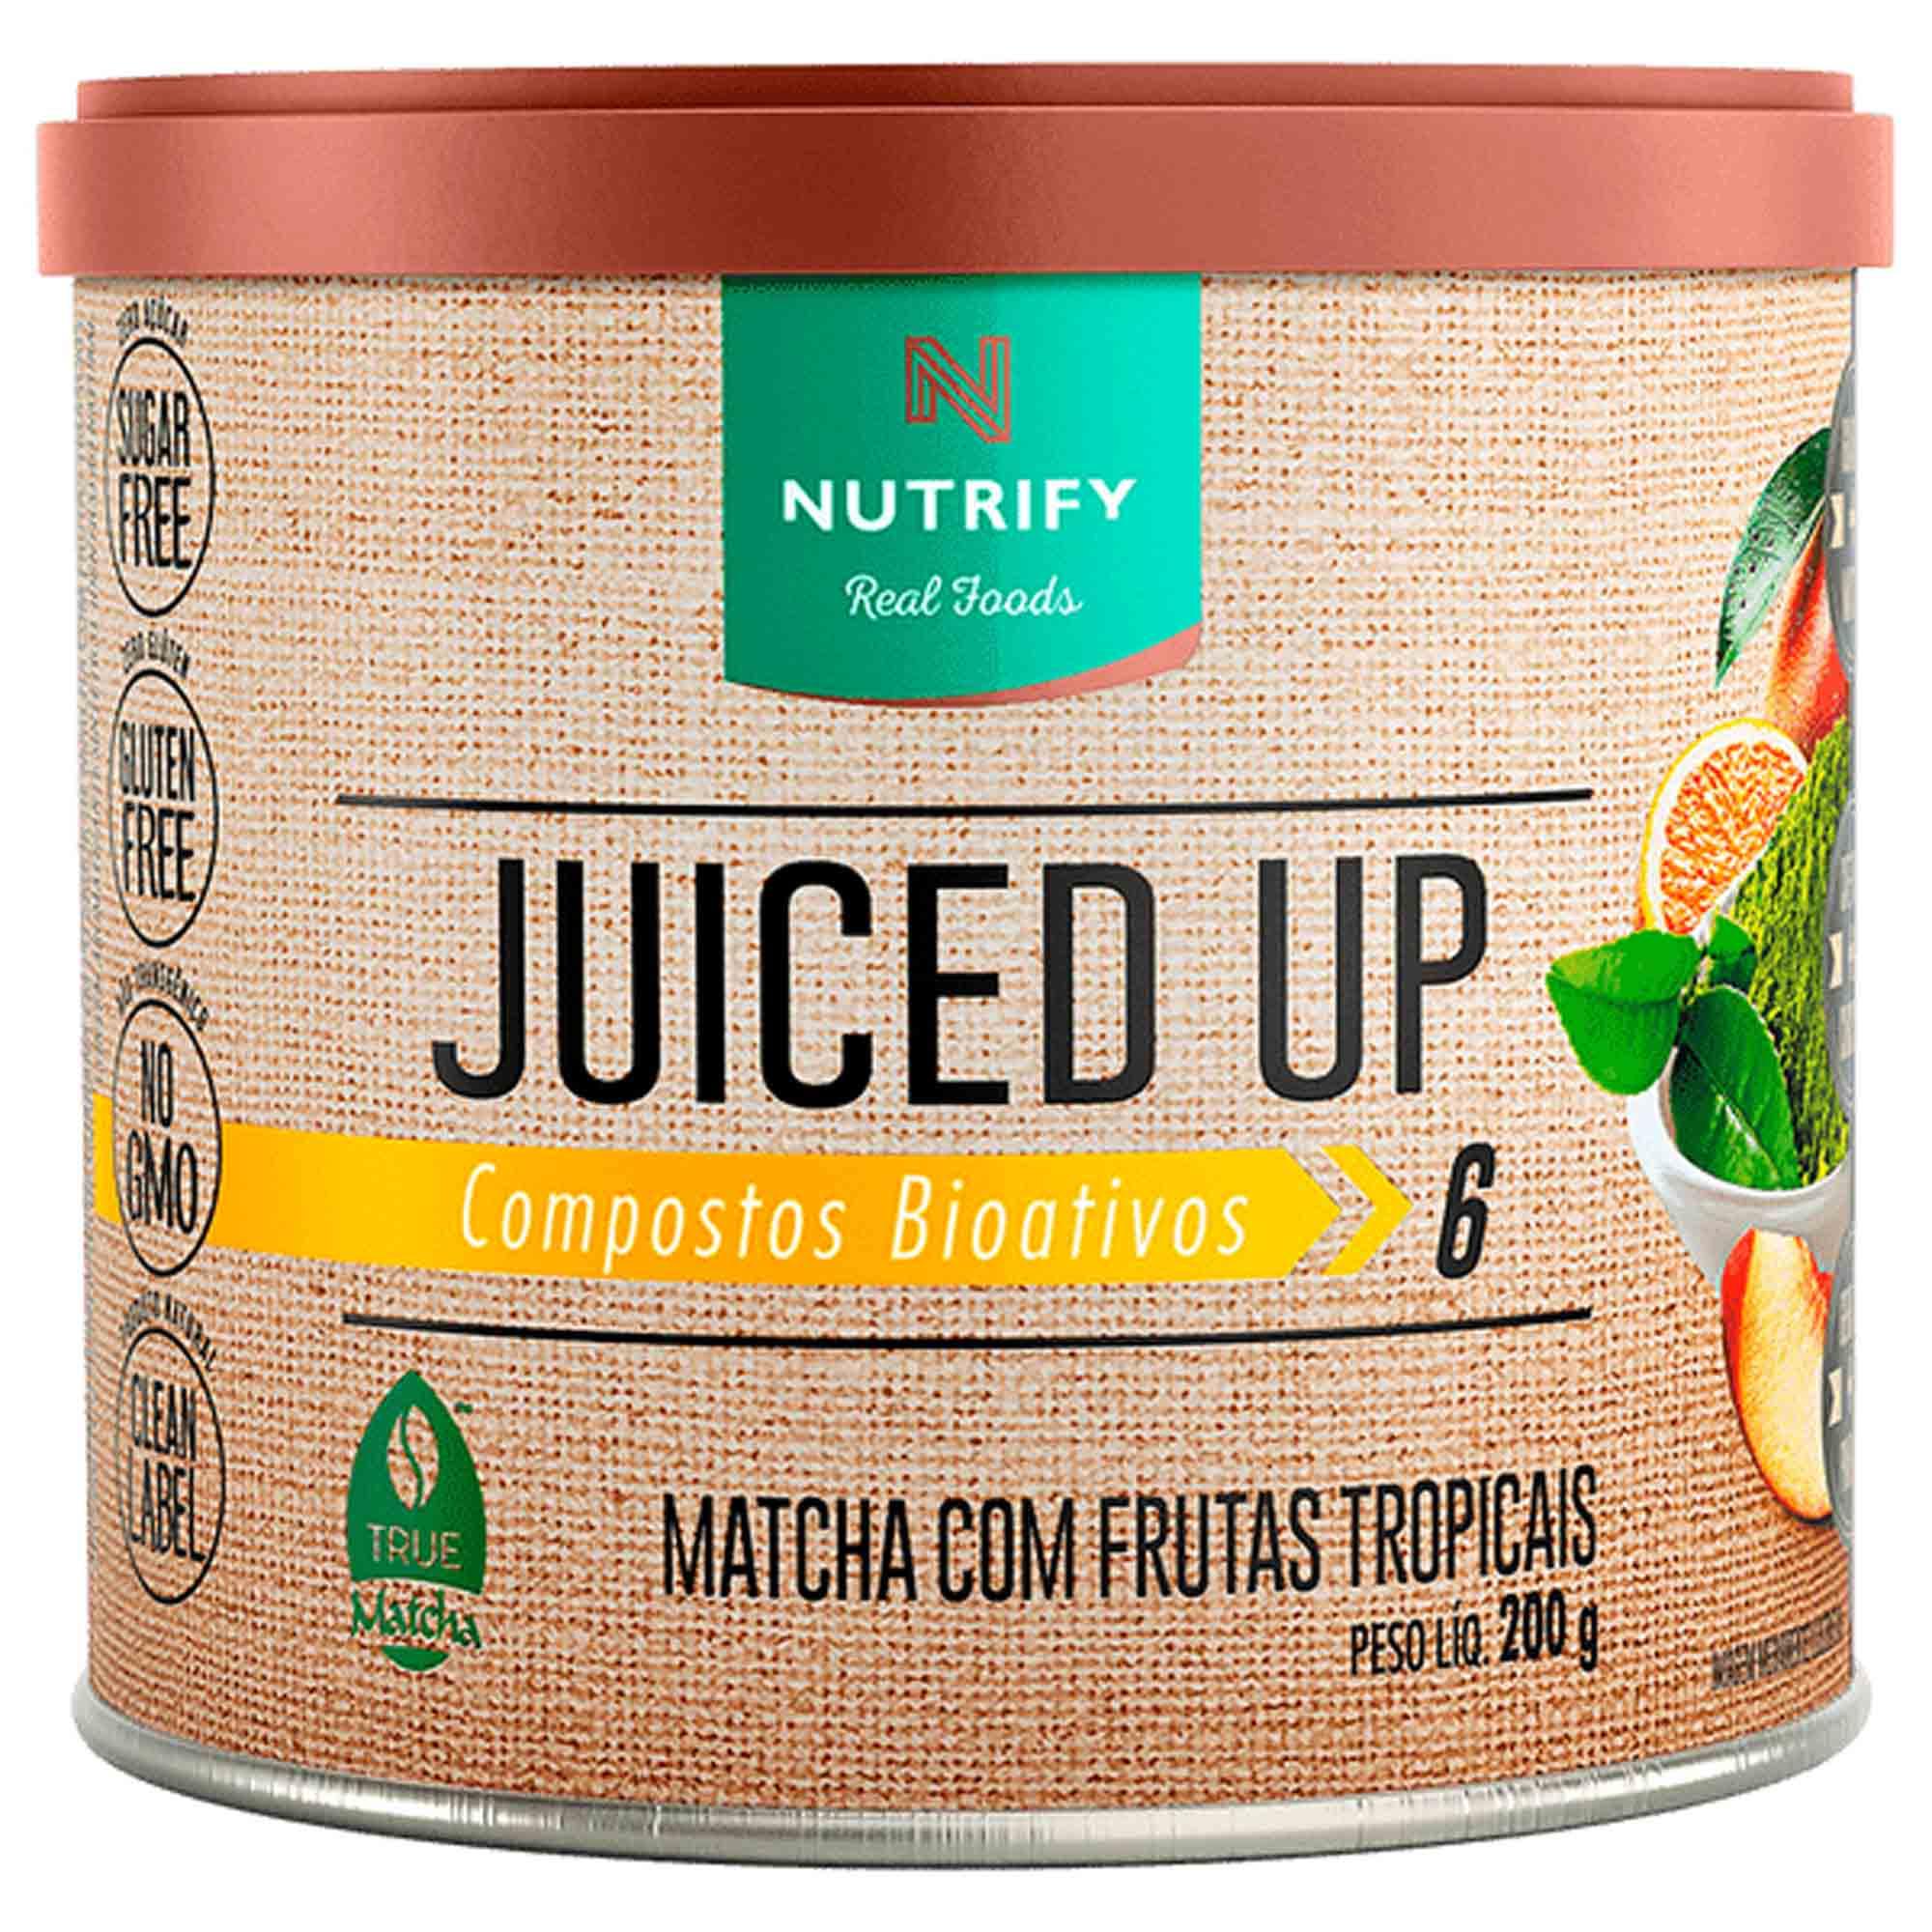 Juiced Up Matcha c/ frutas tropicais 200g Nutrify